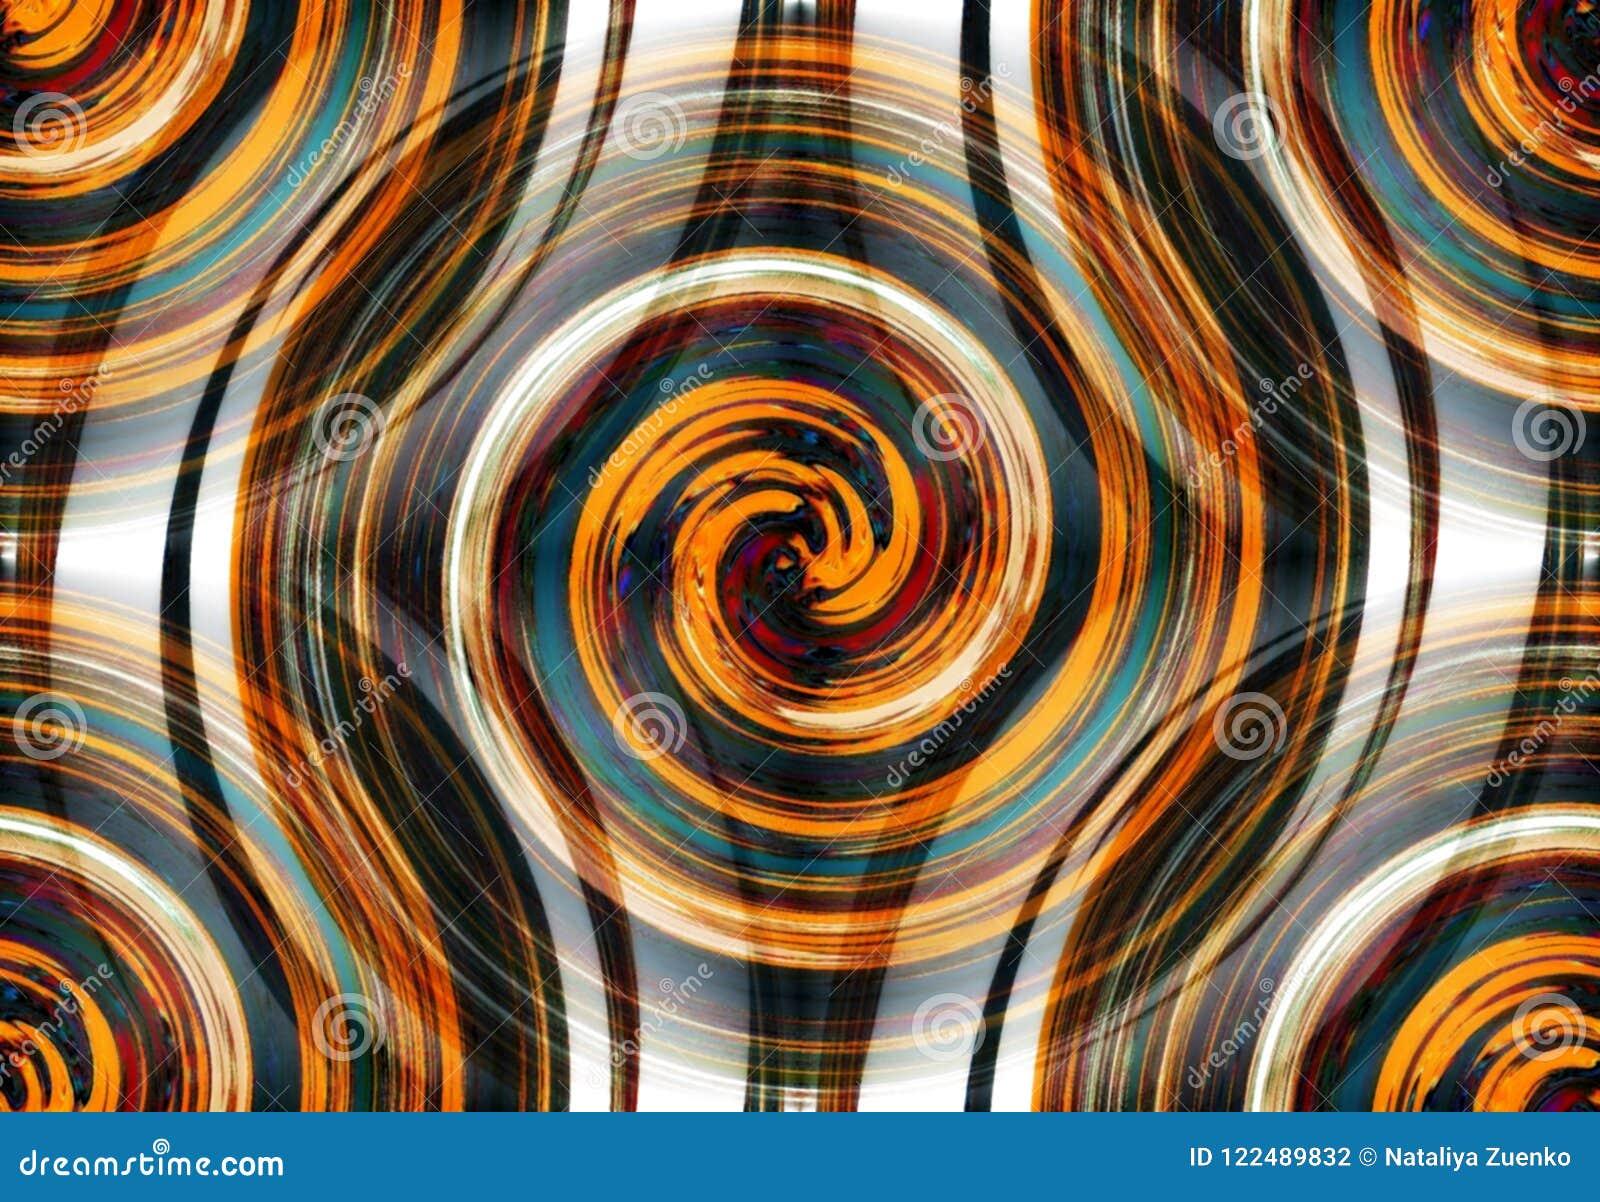 Abstracte spiraalvormige psychedelische fractal van vage kleuren